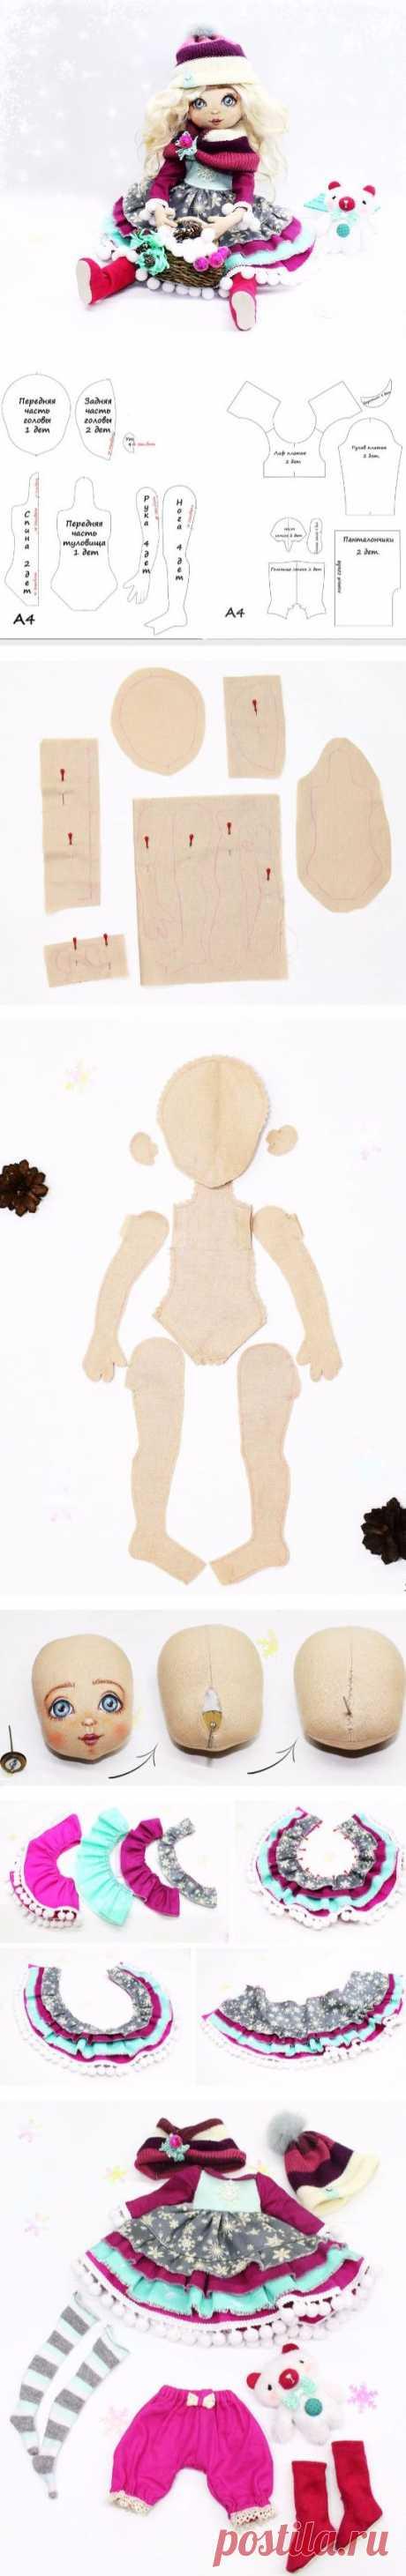 Как сшить текстильную куклу из ткани 5 шаблонов с выкройками. Куклы своими руками пошаговые мастер классы, лучшие идеи.